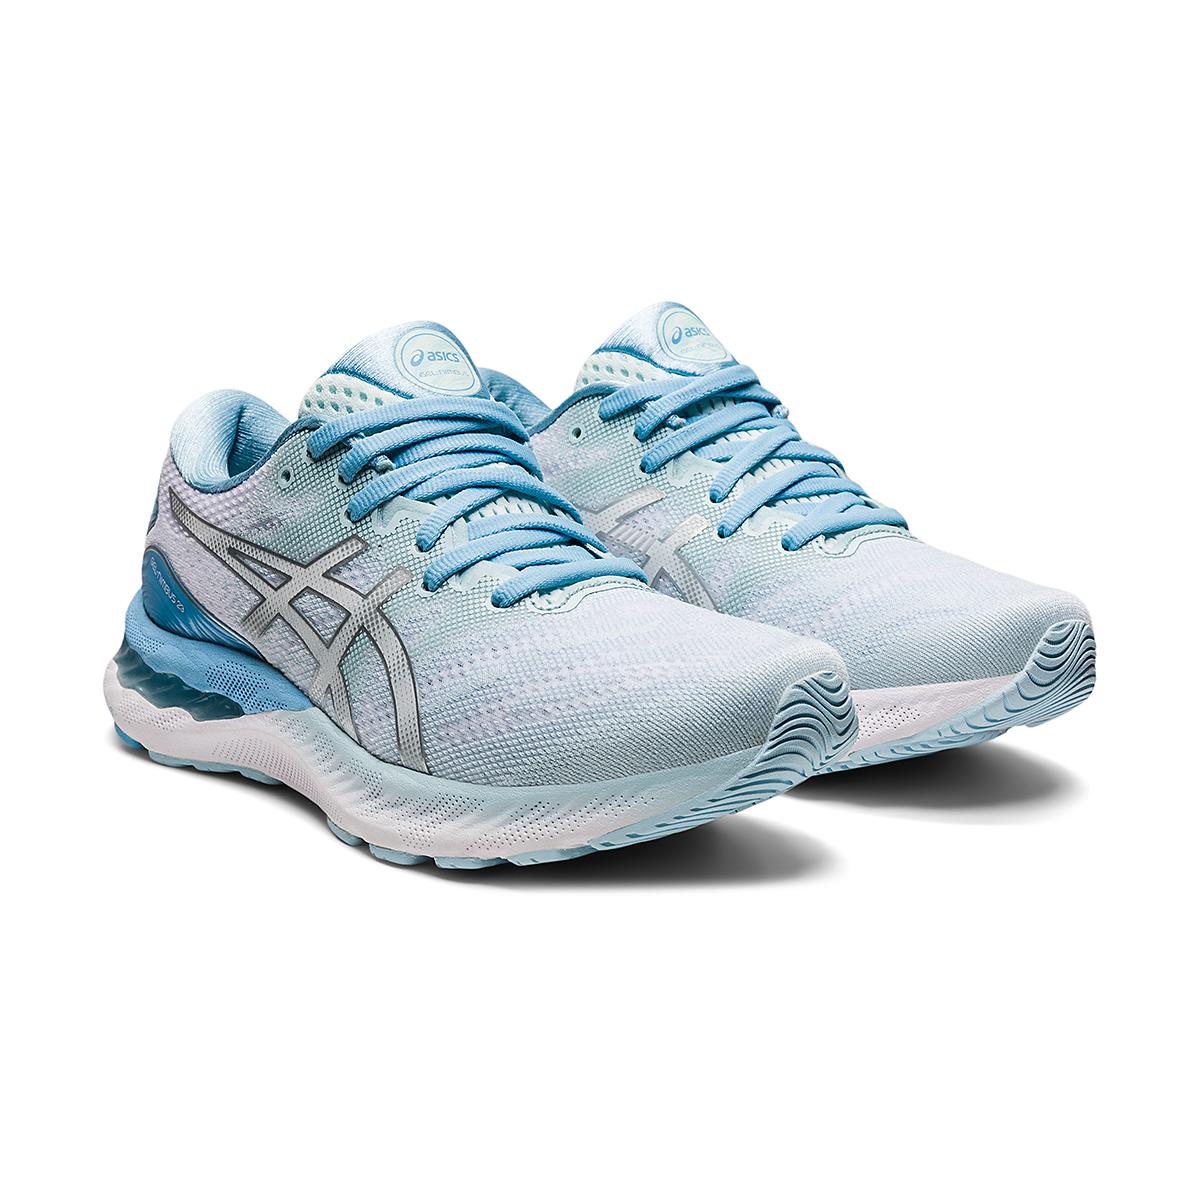 Women's Asics Gel-Nimbus 23 Running Shoe - Color: Aqua Angel/Pure - Size: 5 - Width: Regular, Aqua Angel/Pure, large, image 3